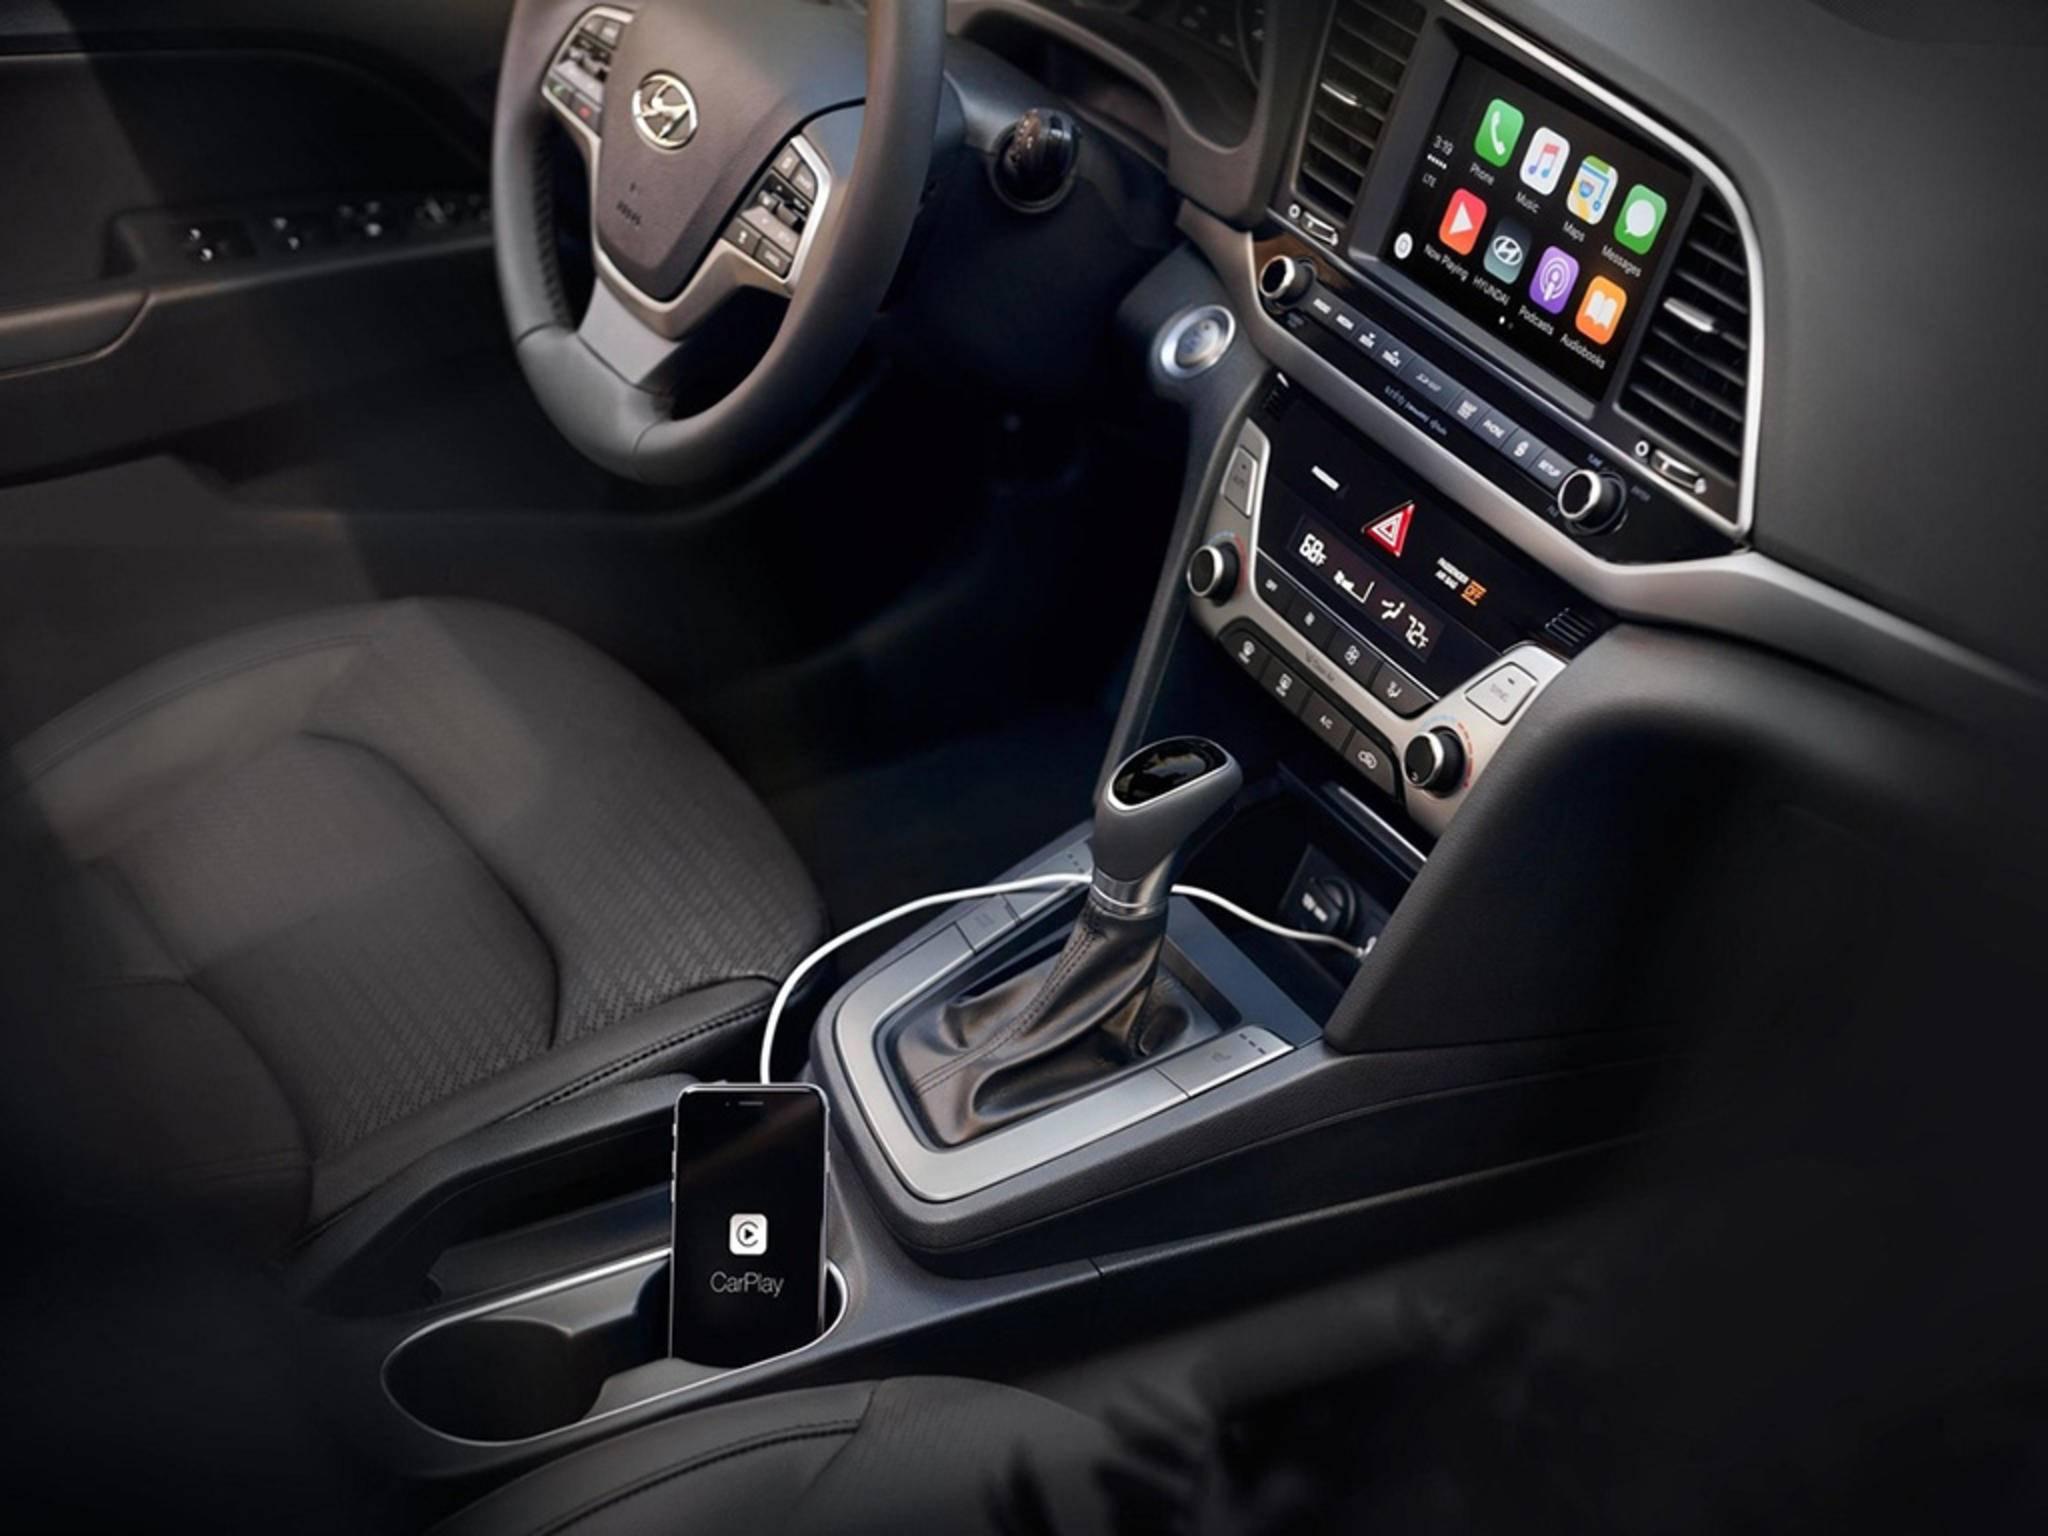 Hyundai Elantra Android Auto